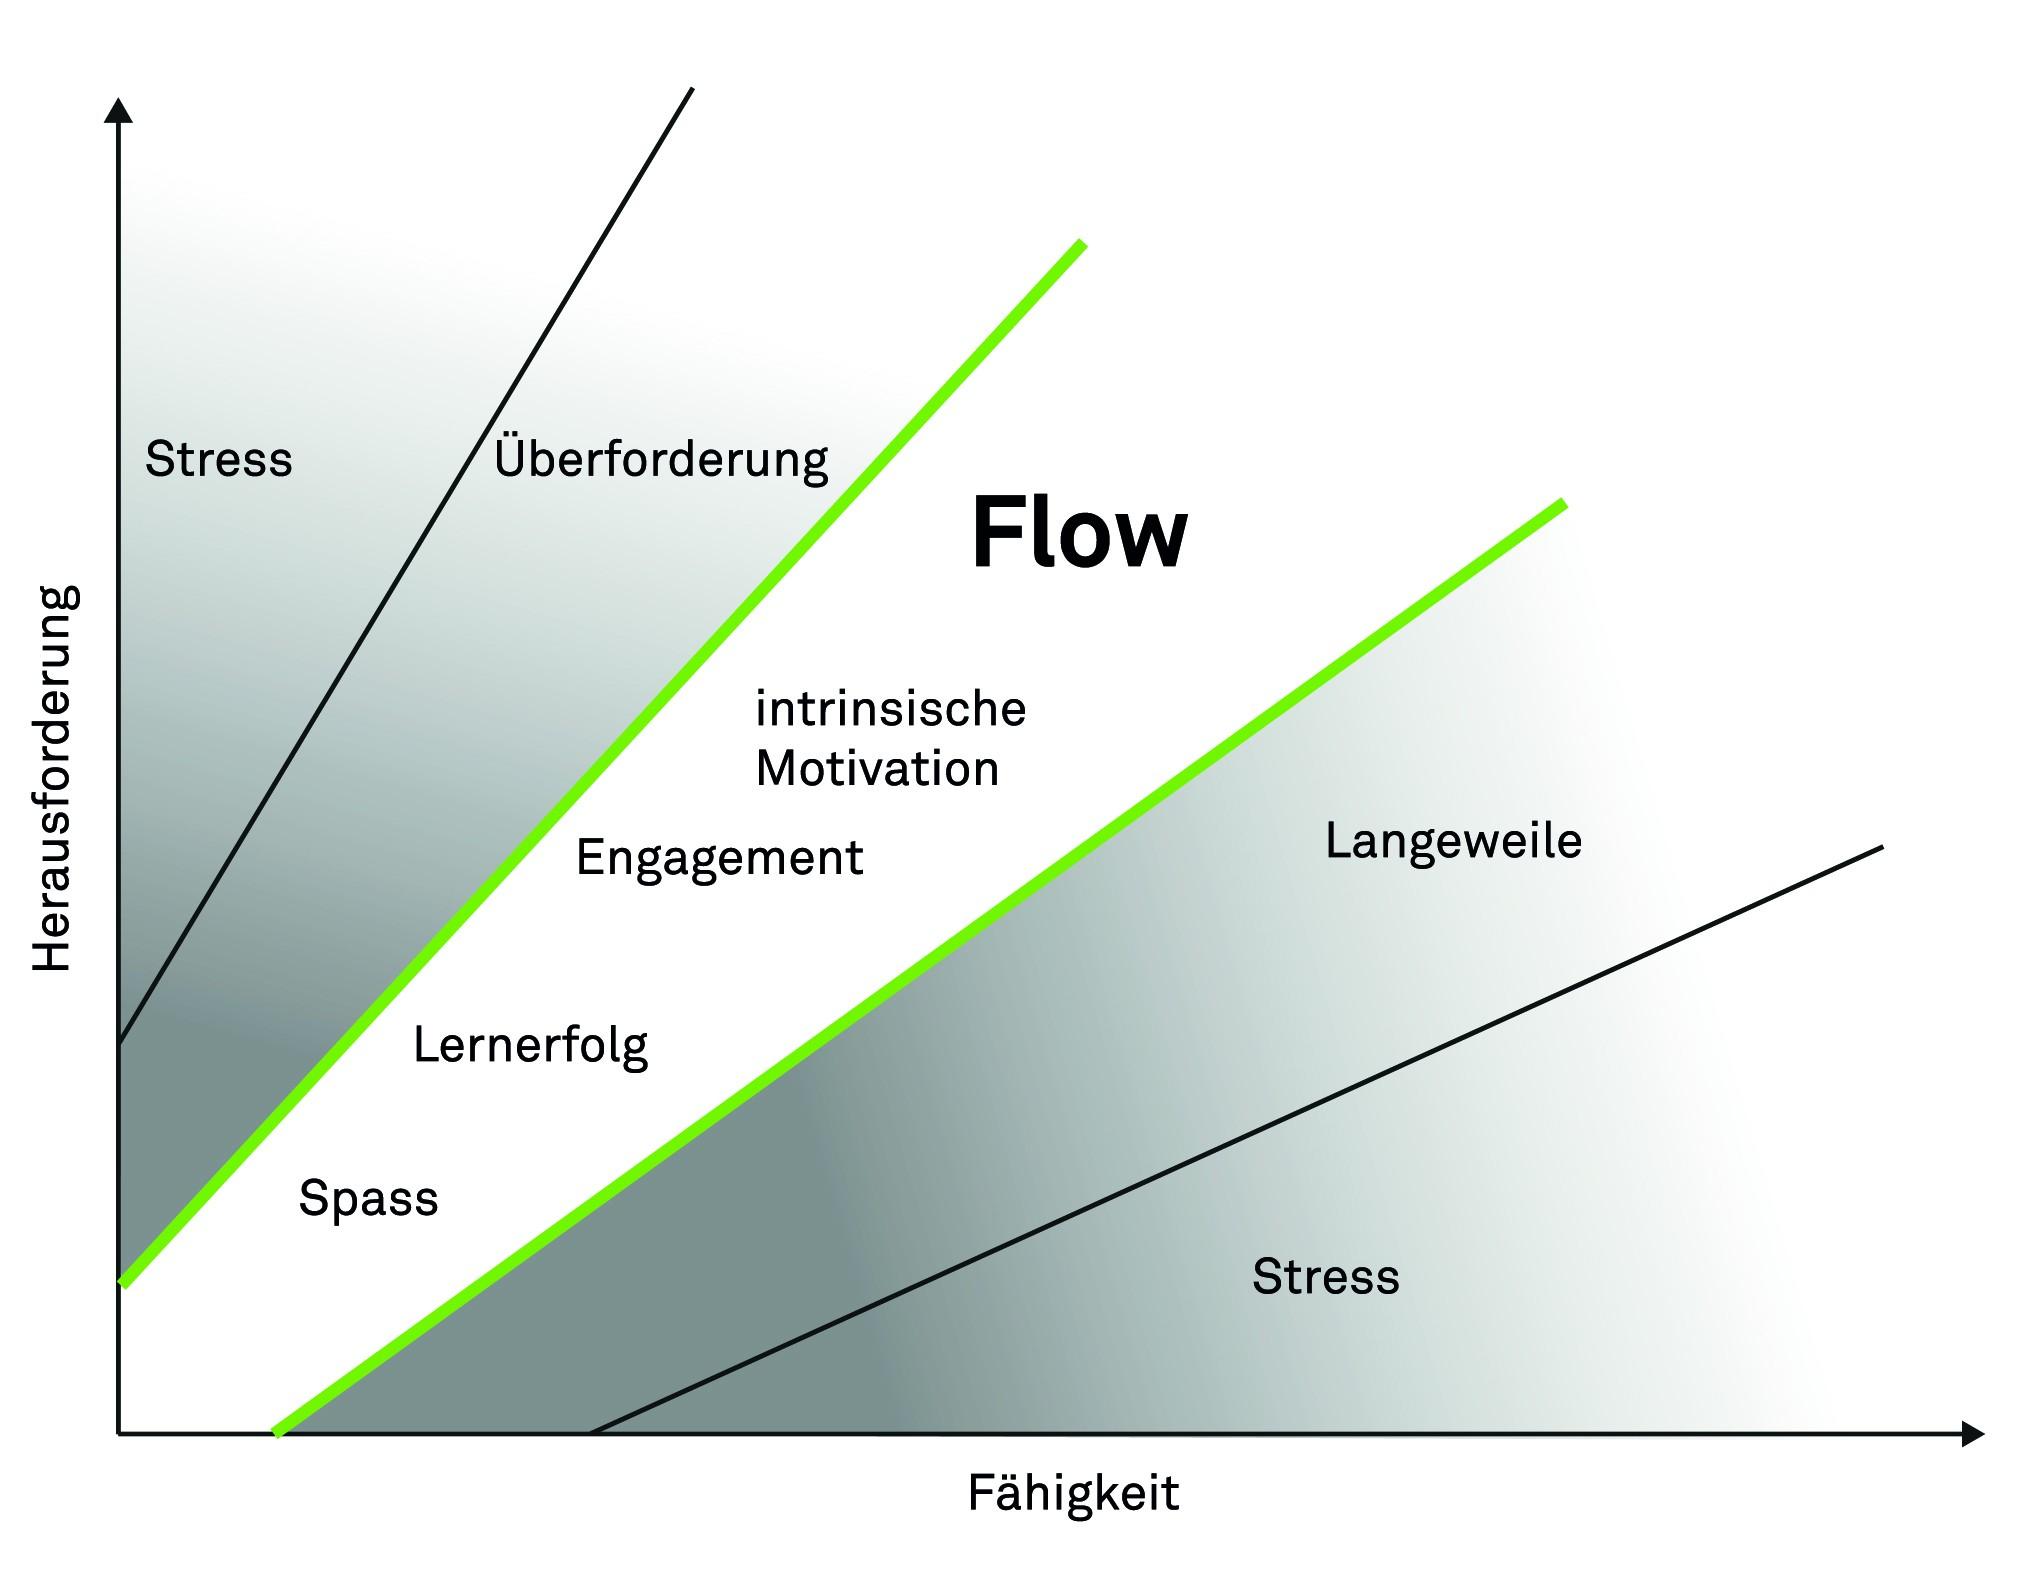 Bild 2 Das Flow-Erlebnis nach Csikszentmihalyi. Bilder: Verfasser